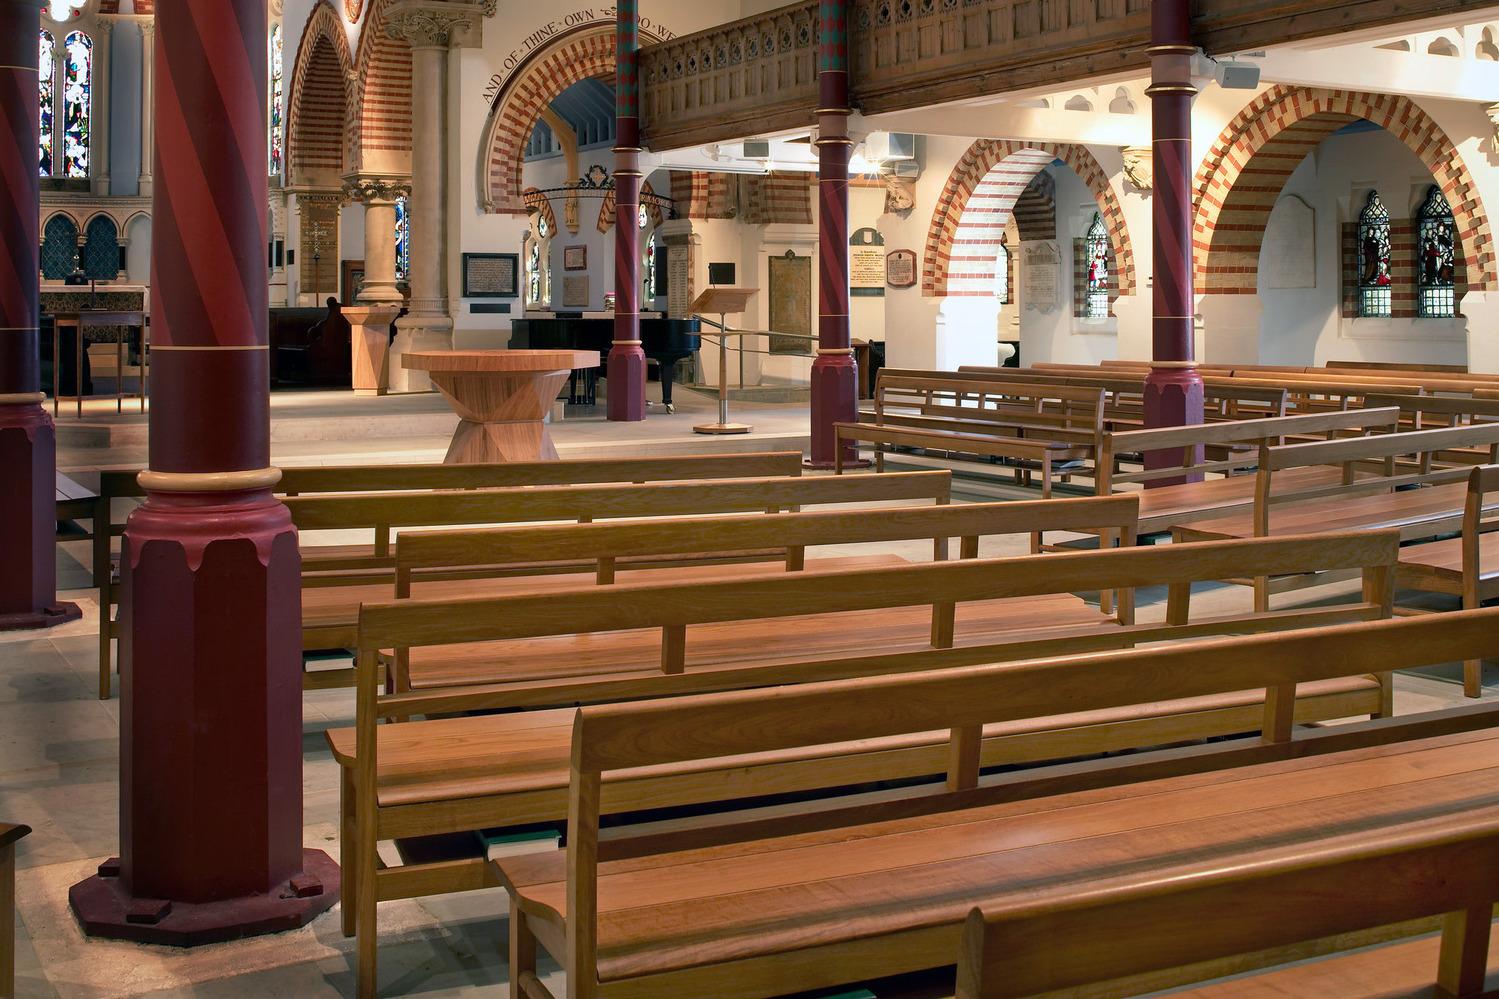 Charterhouse image 6